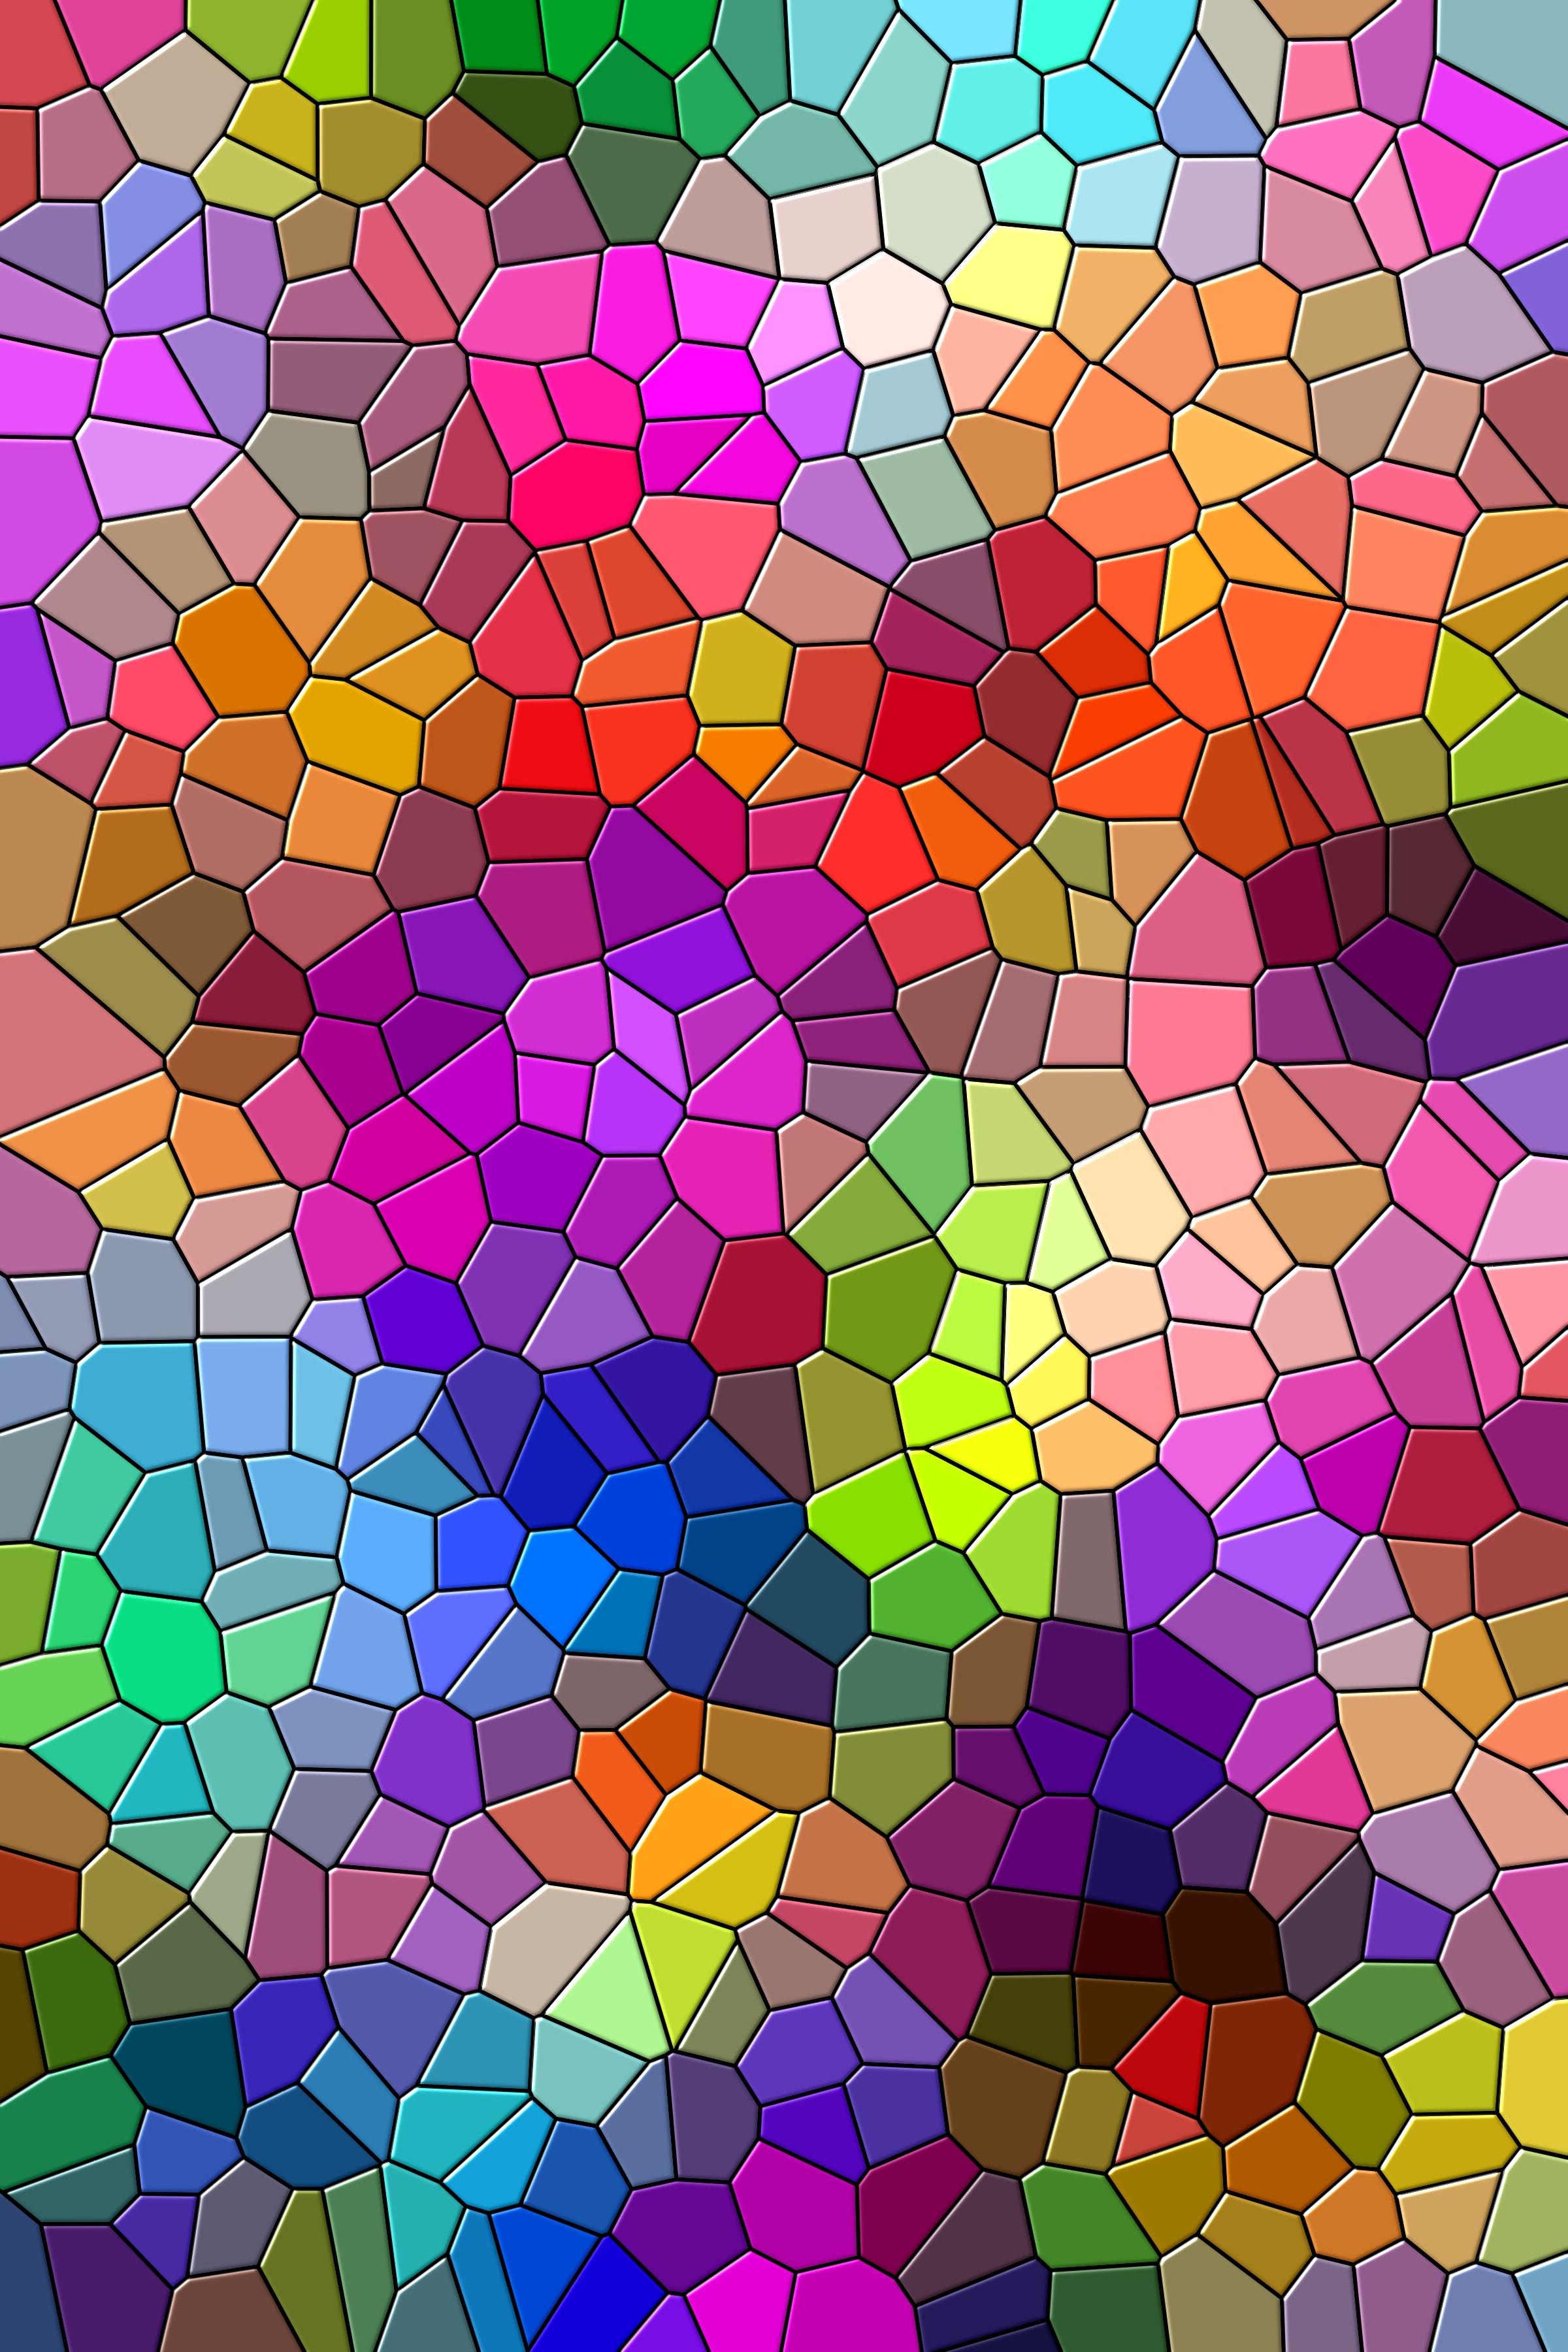 137363 Hintergrundbild herunterladen Texturen, Mehrfarbig, Patterns, Motley, Textur, Mosaik - Bildschirmschoner und Bilder kostenlos